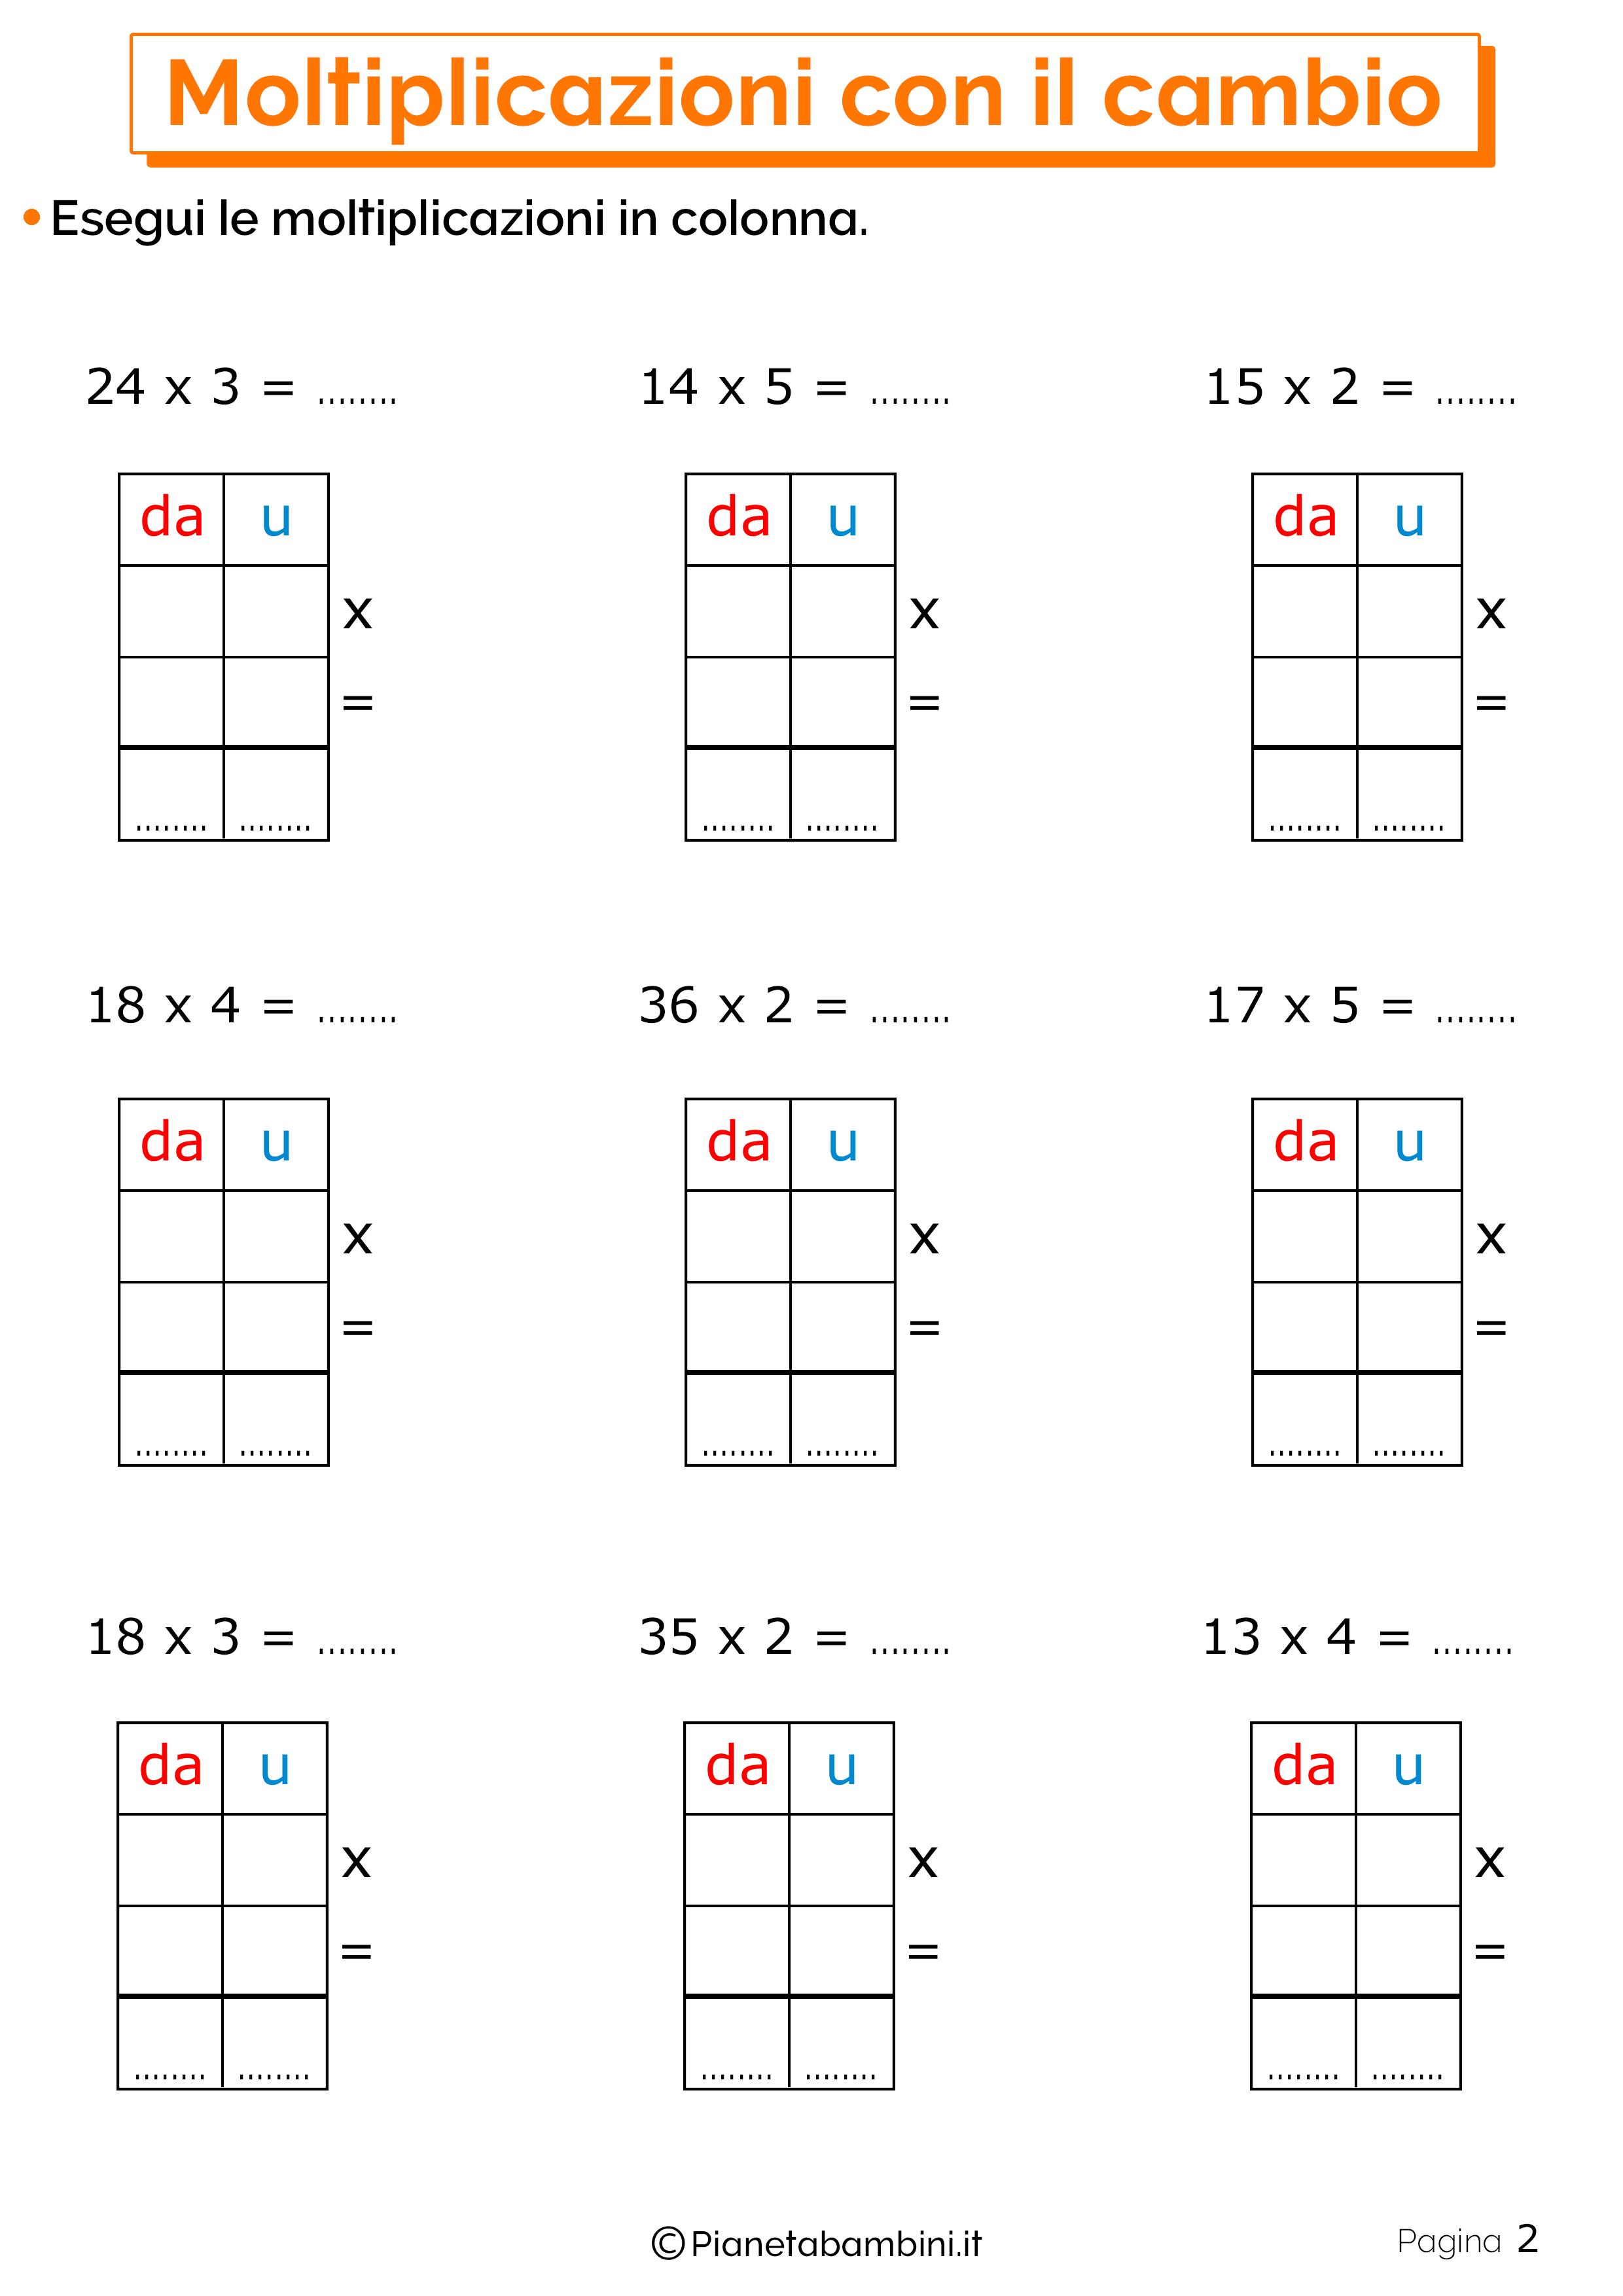 Schede didattiche sulle moltiplicazioni con il cambio 2